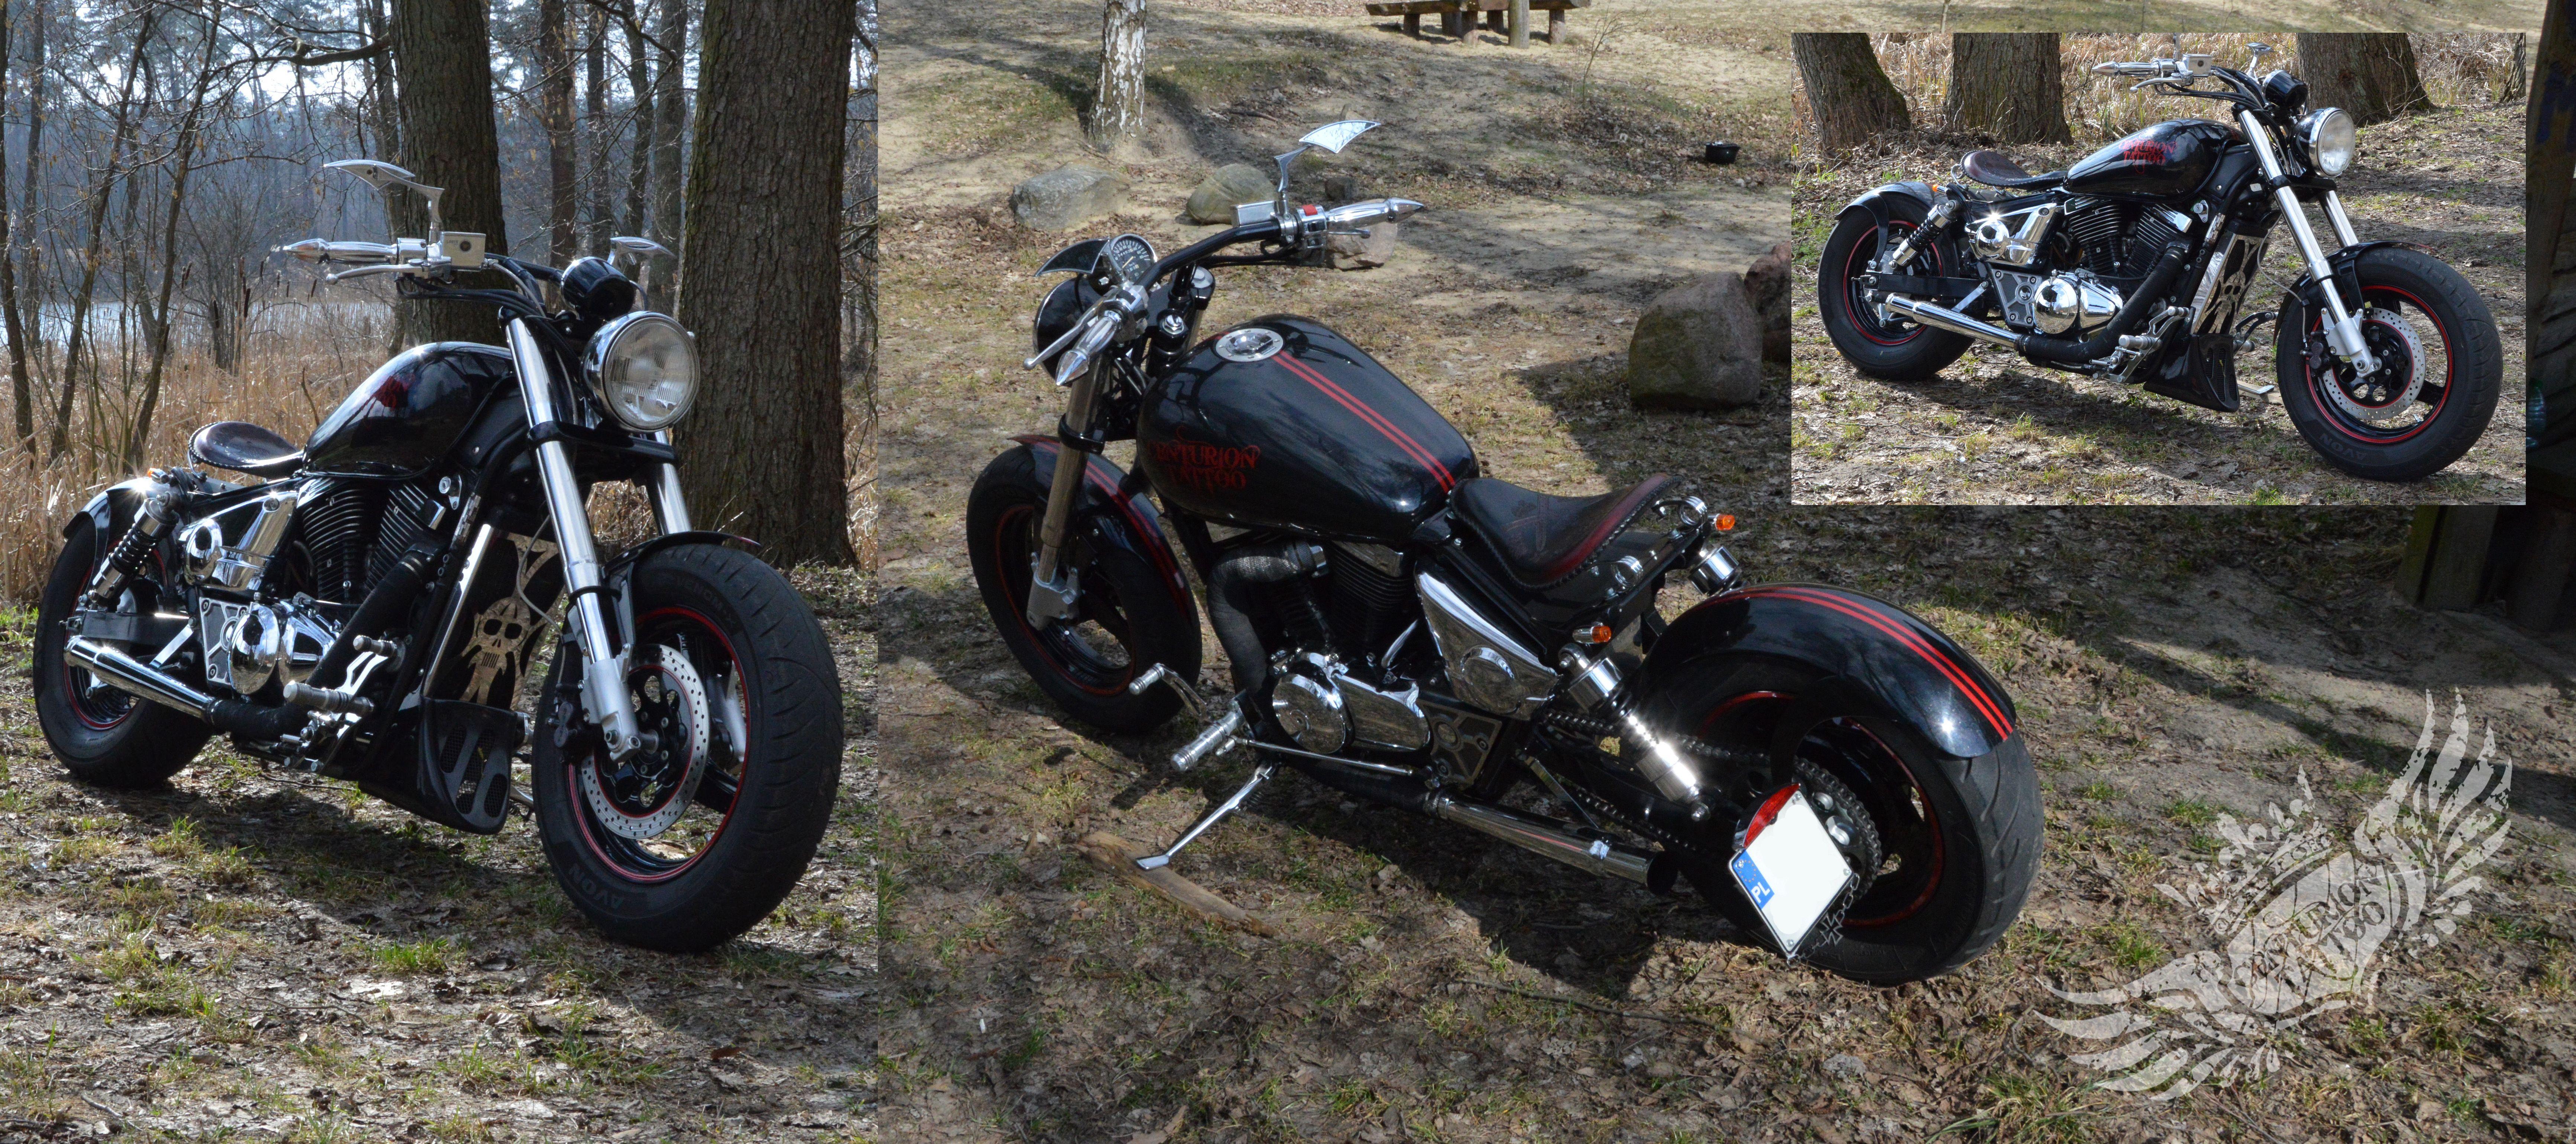 Suzuki Marauder vz 800 bobber | Bike | Bobber, The marauders